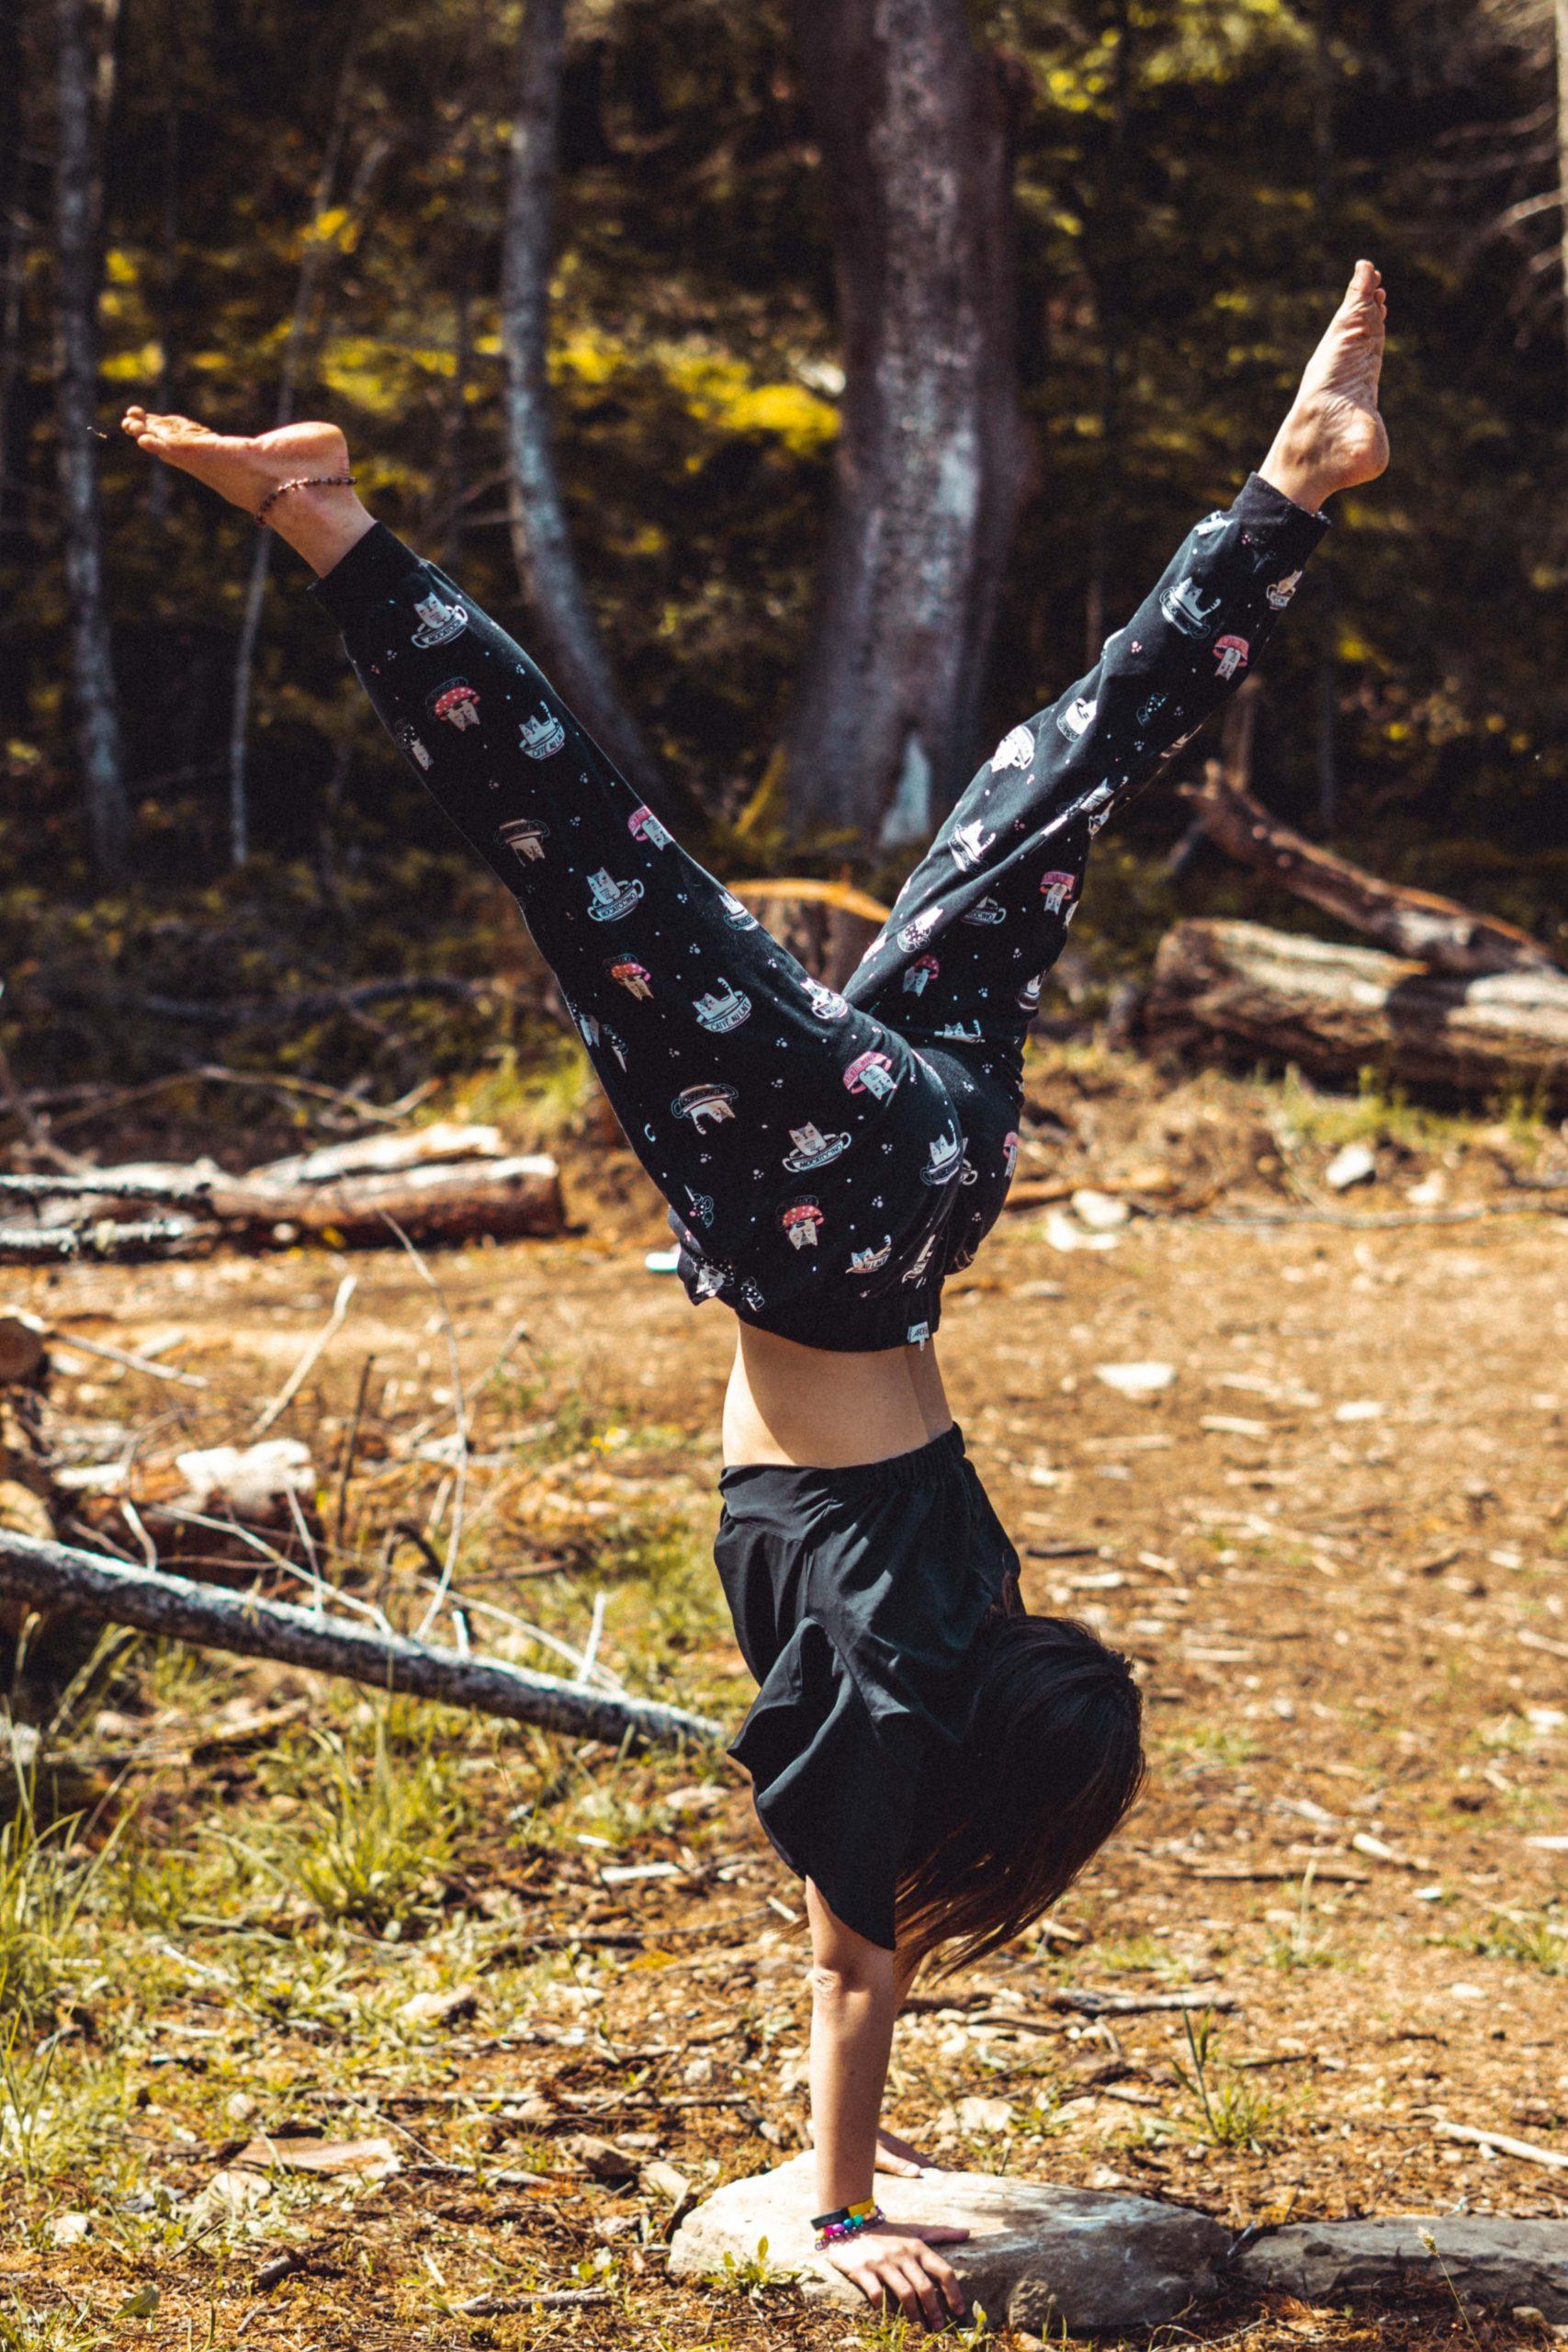 15.4.1 Handstand